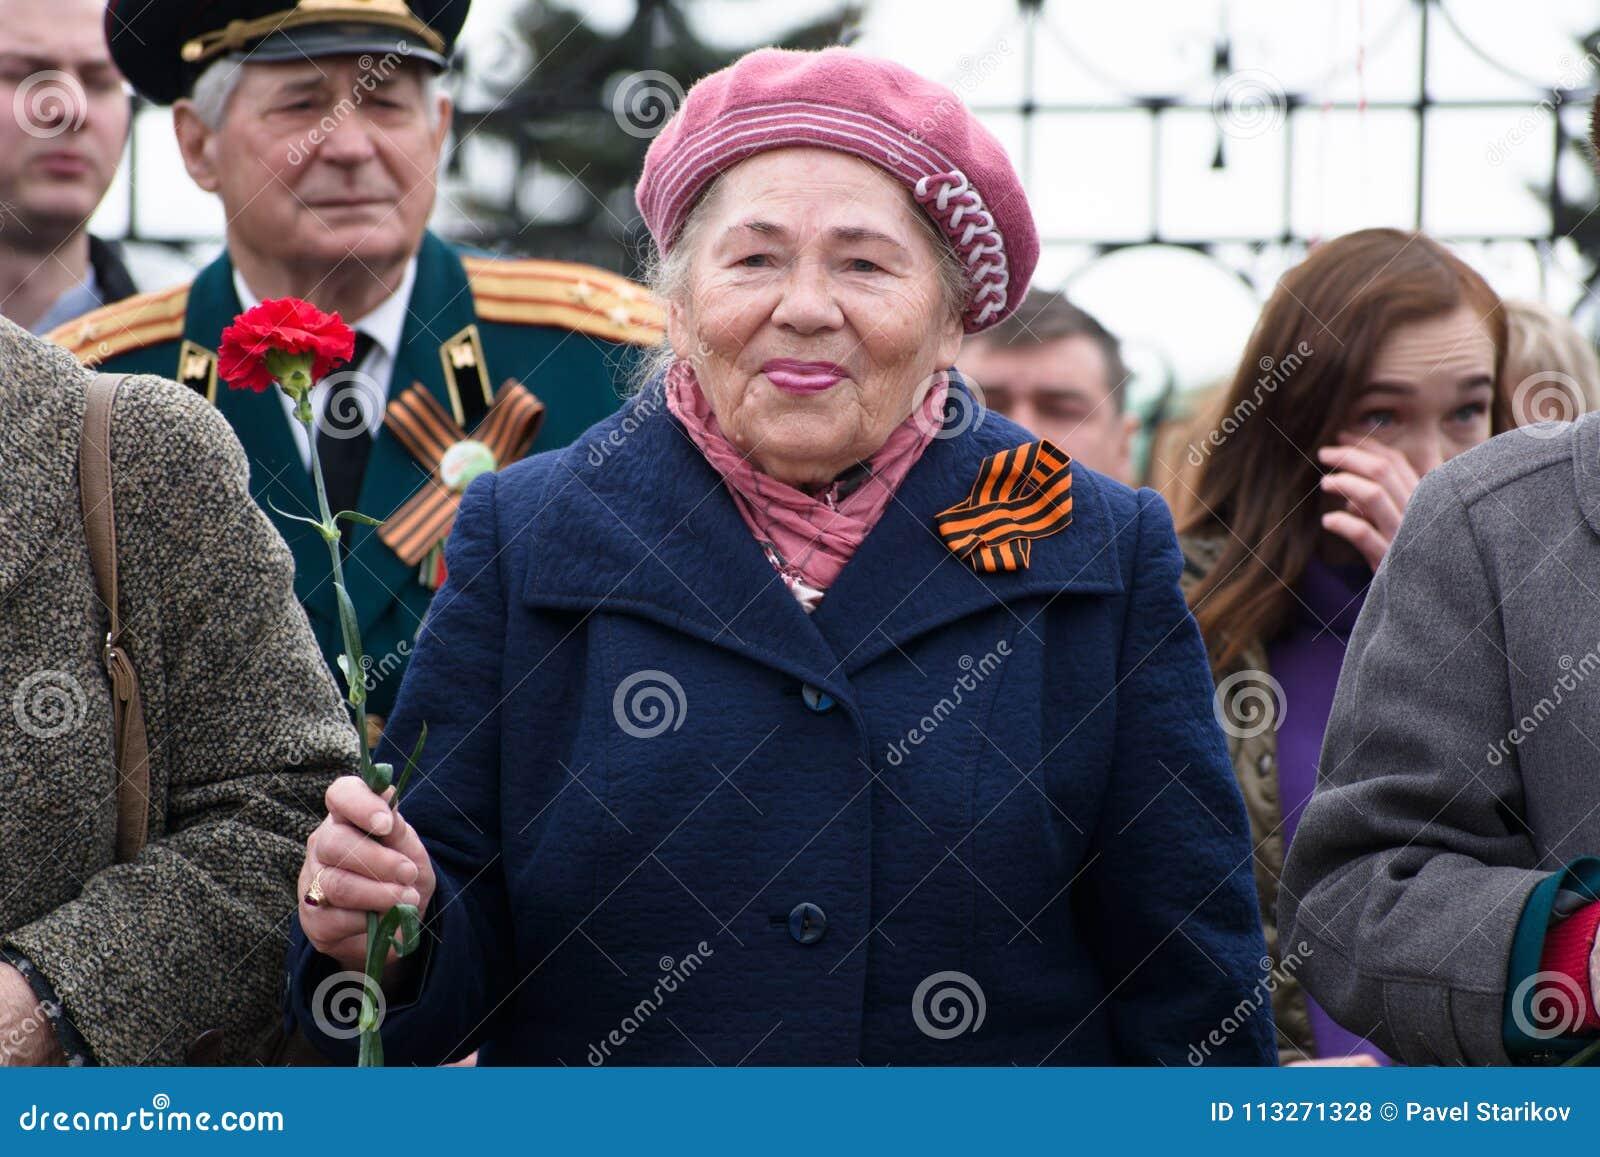 Πορτρέτο ενός παλαιμάχου γυναικών του δεύτερου παγκόσμιου πολέμου